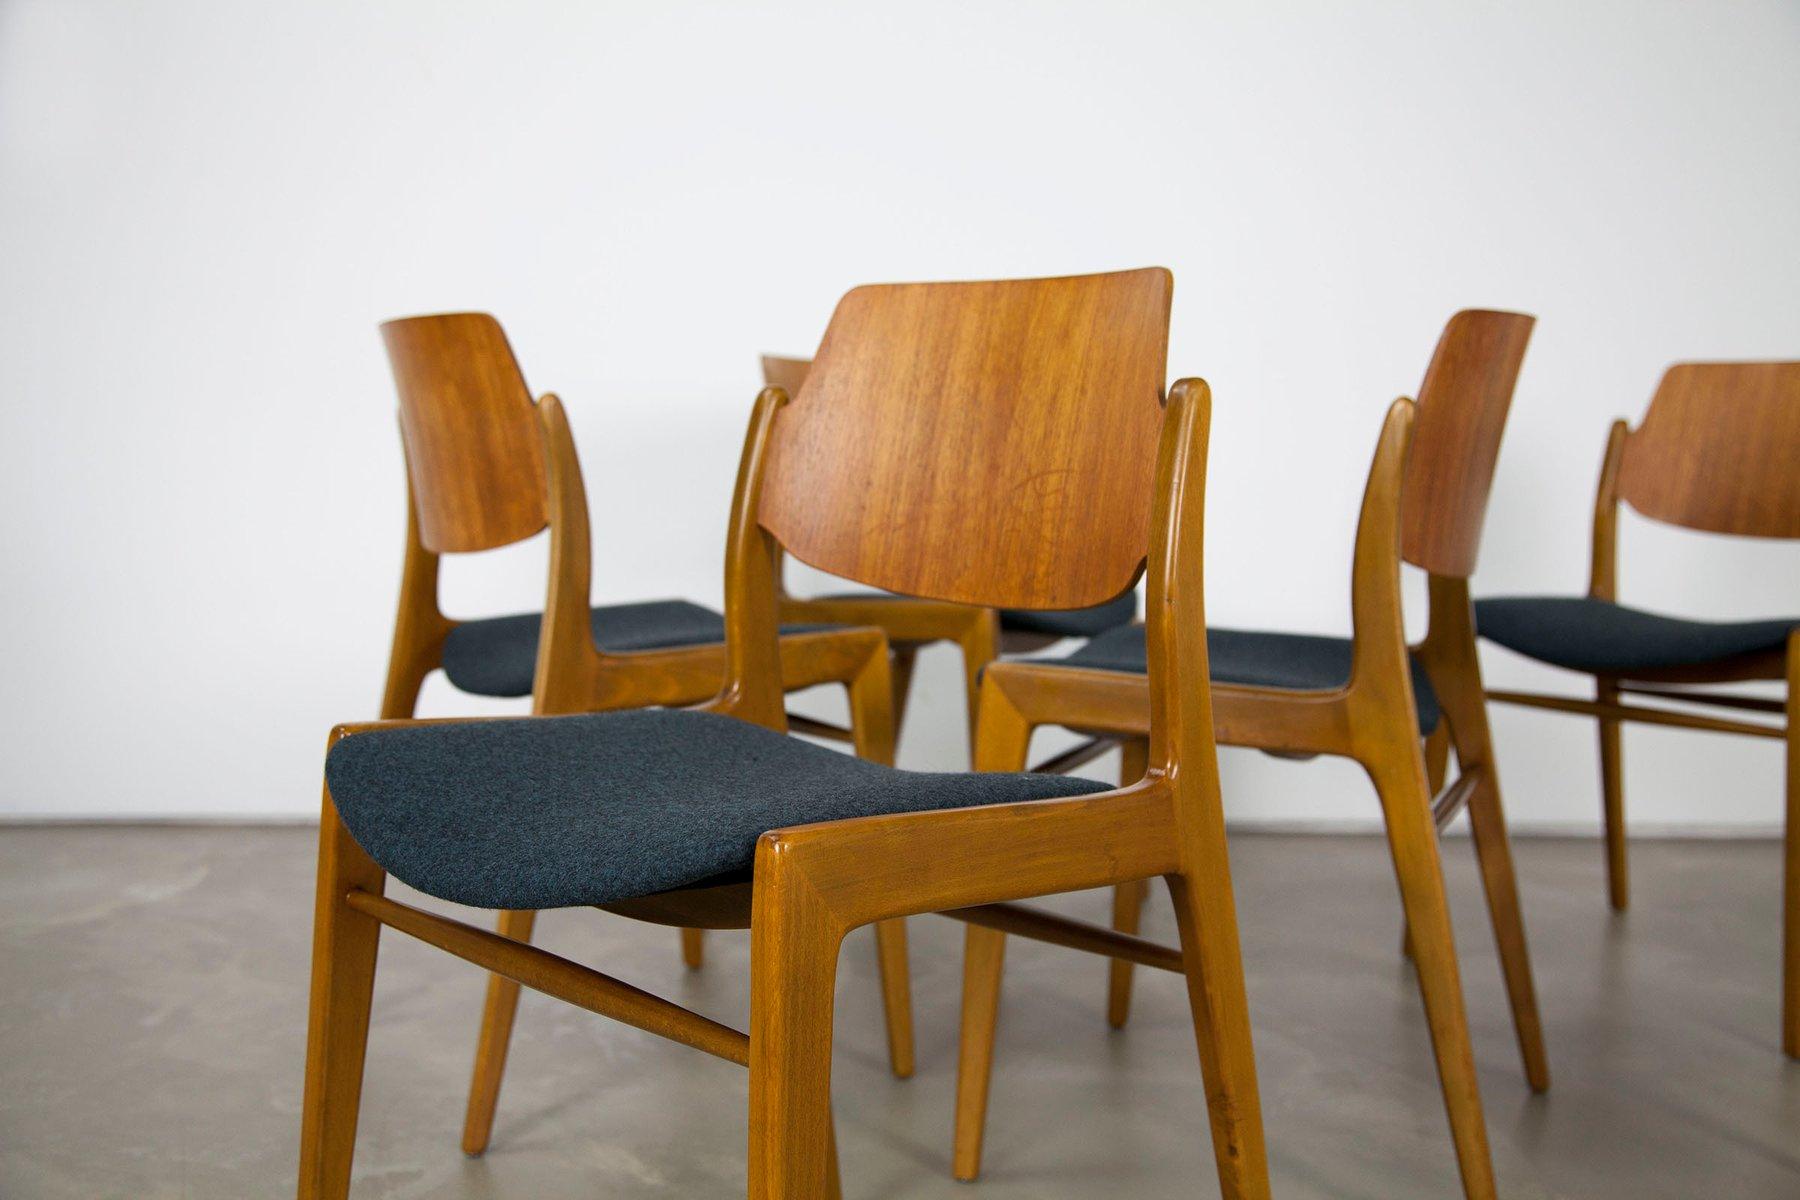 st hle aus holz von hartmut lohmeyer f r wilkhahn 6er set bei pamono kaufen. Black Bedroom Furniture Sets. Home Design Ideas